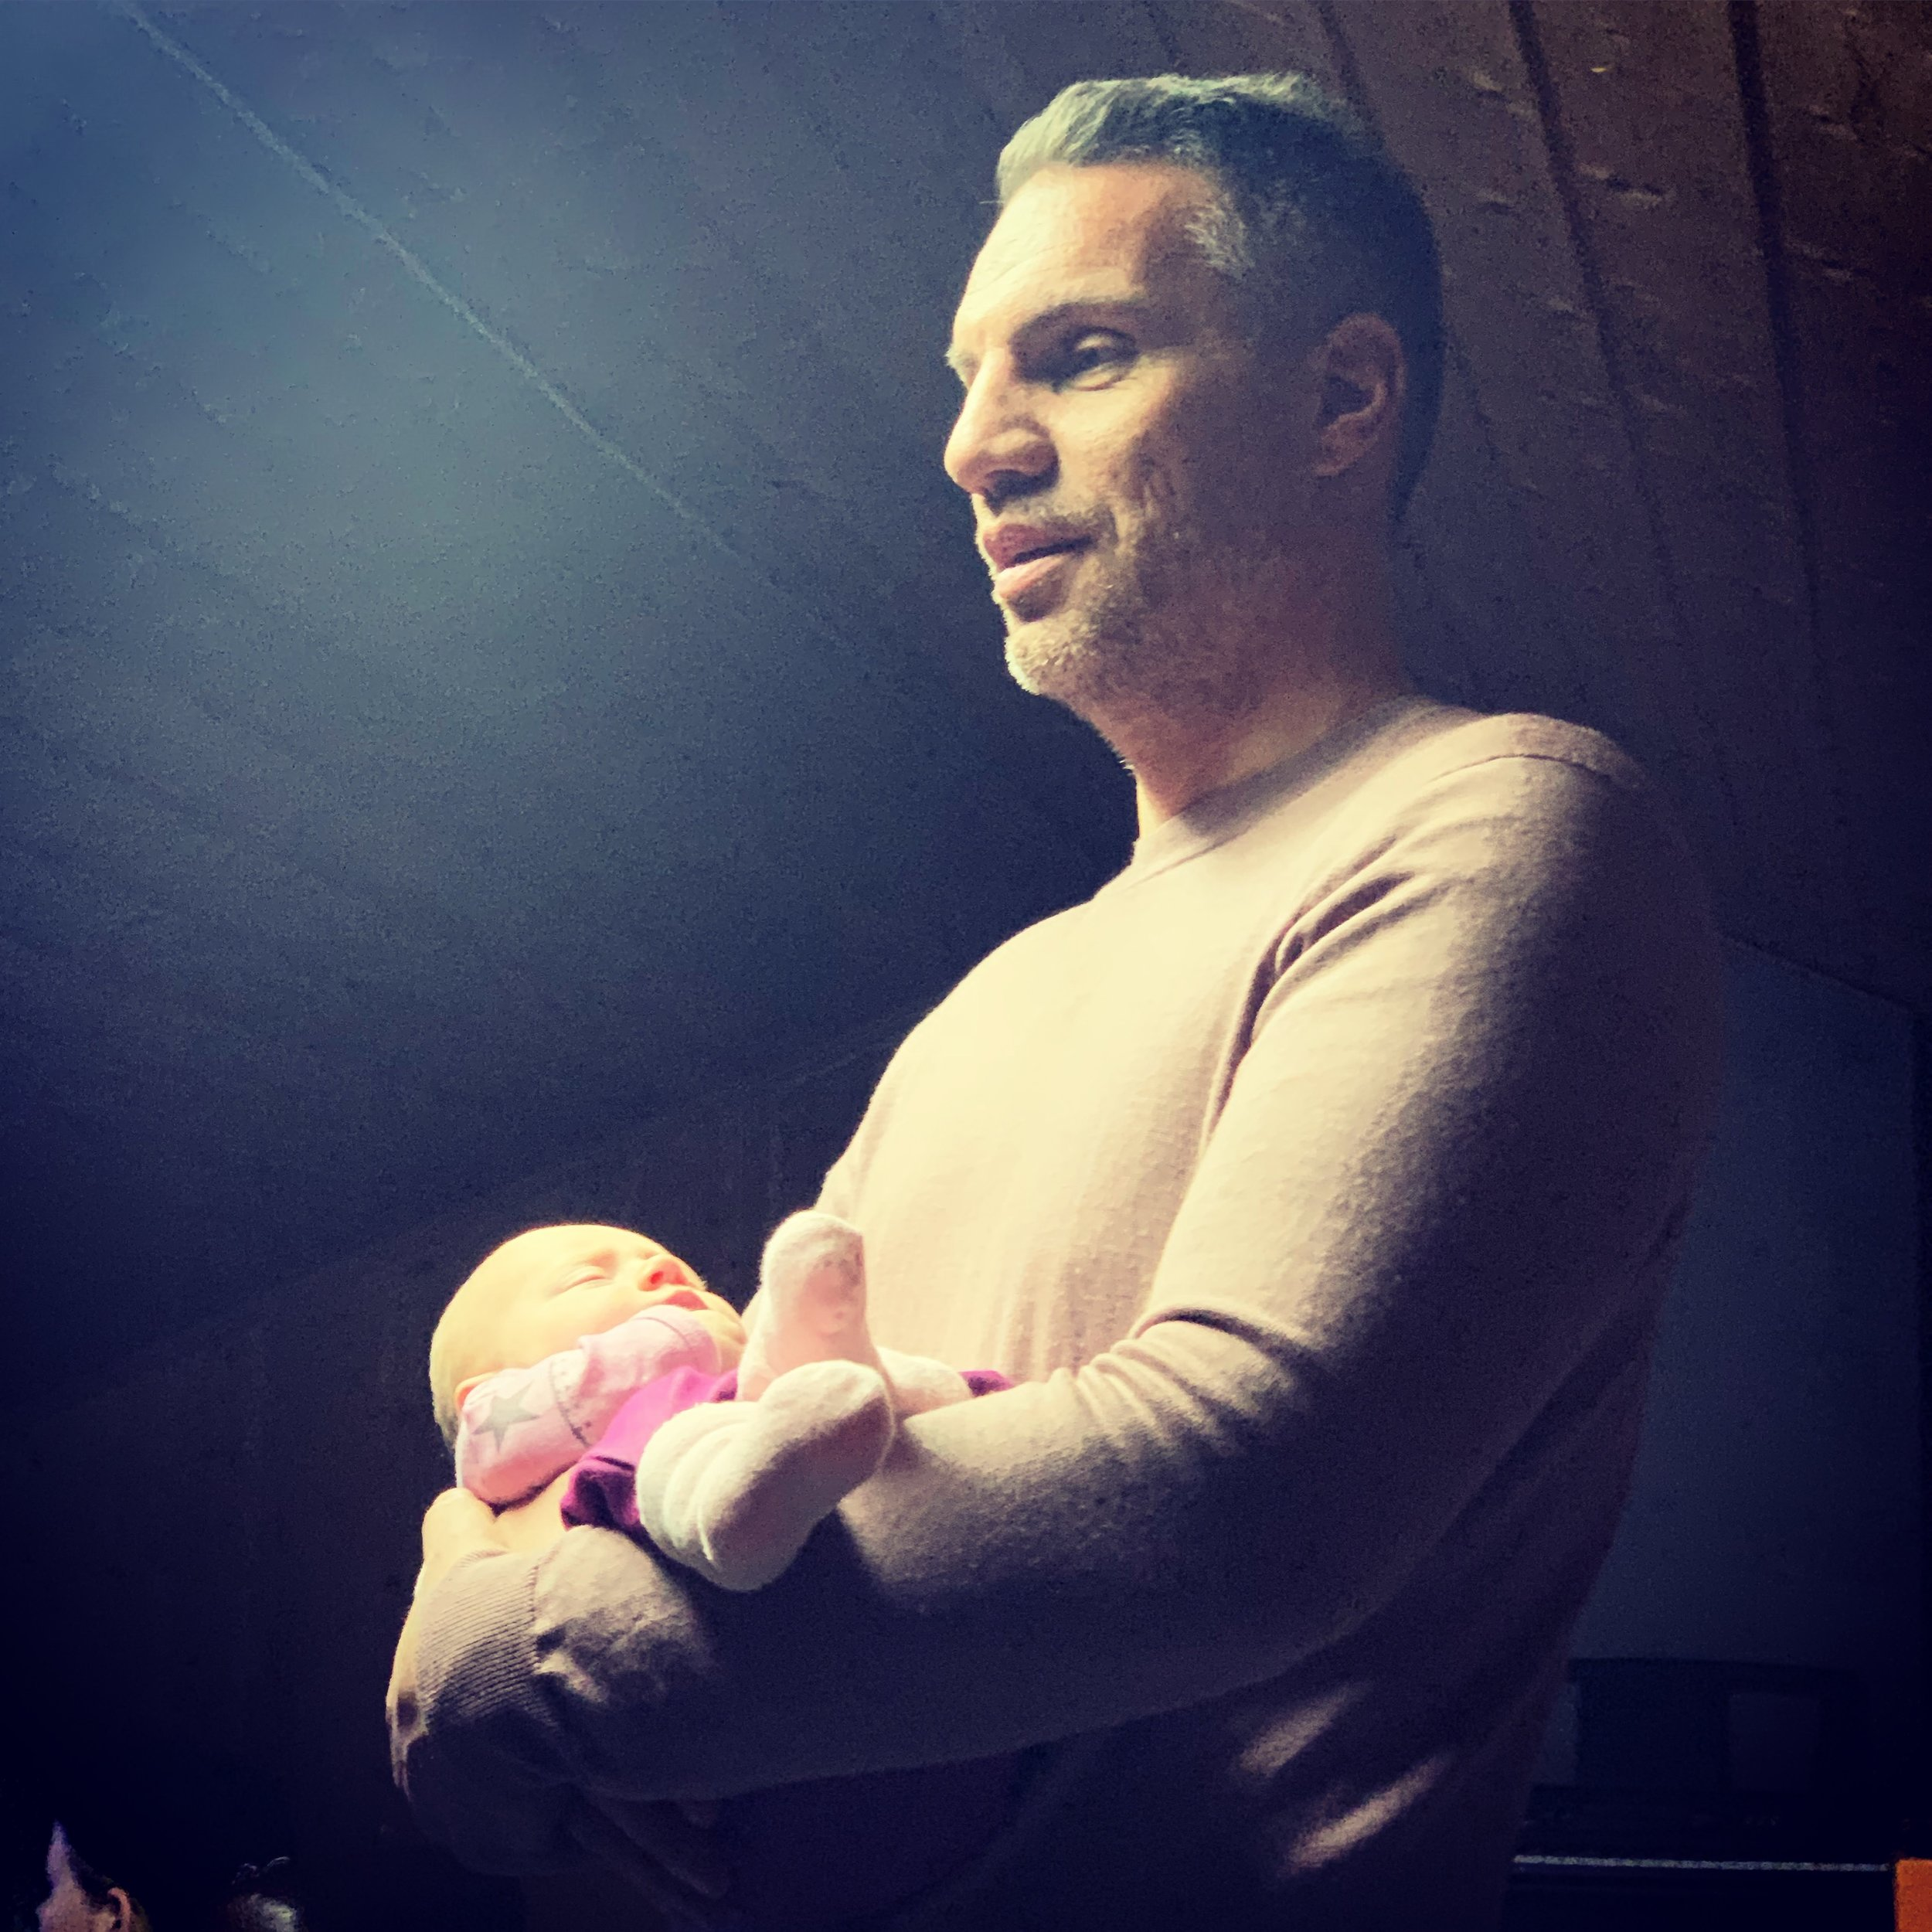 ONKLER: Her er Kjartan med onkelbarnet vårt.